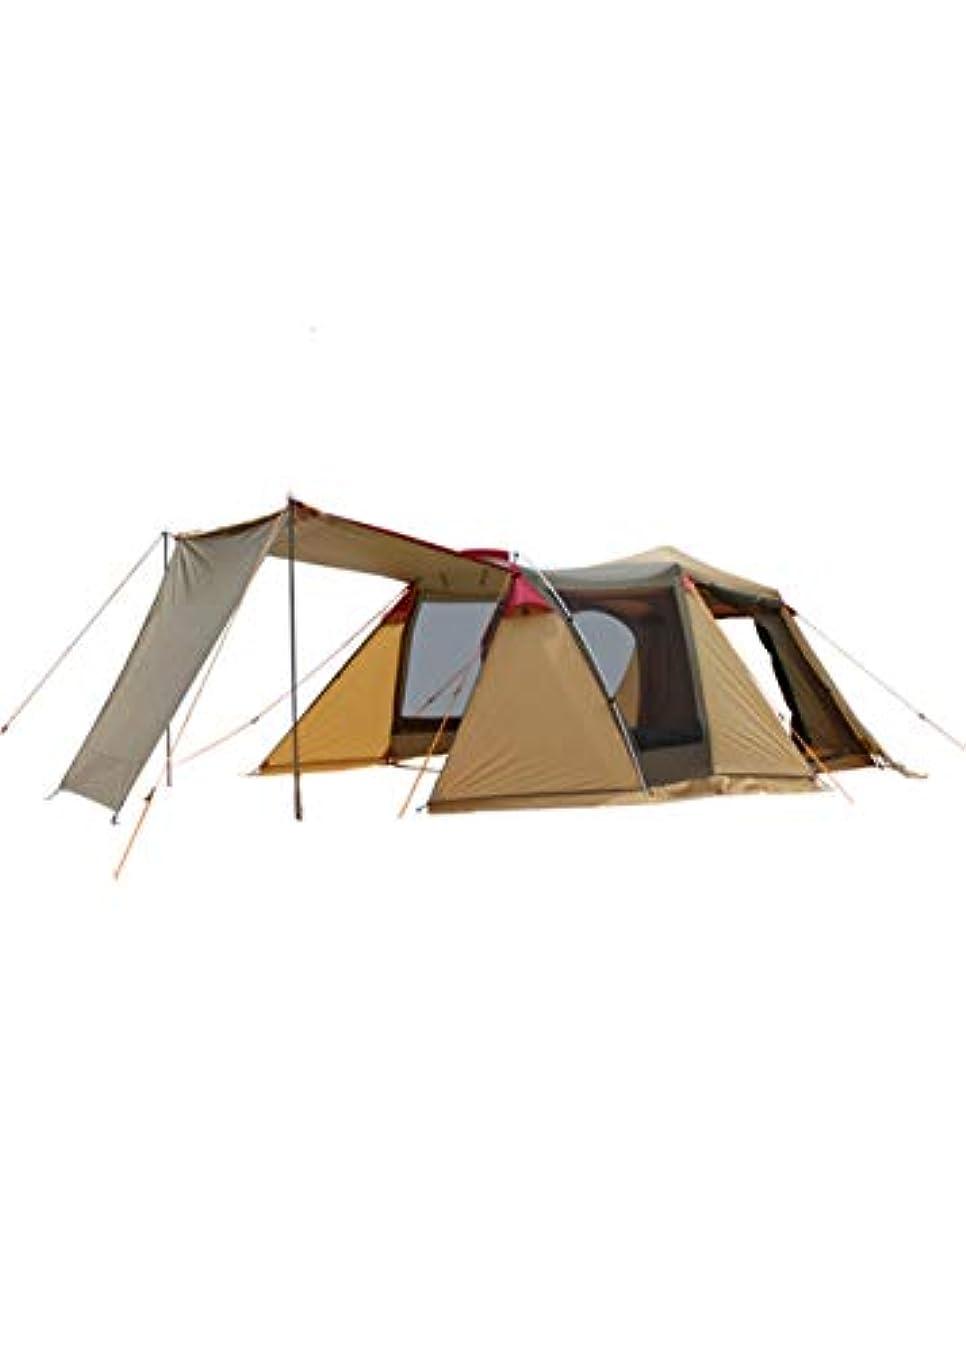 運命的などちらか割れ目屋外のテントキャンプ3-4人のダブルデッカーの自動家族旅行のキャンプ多人数ビーチテント